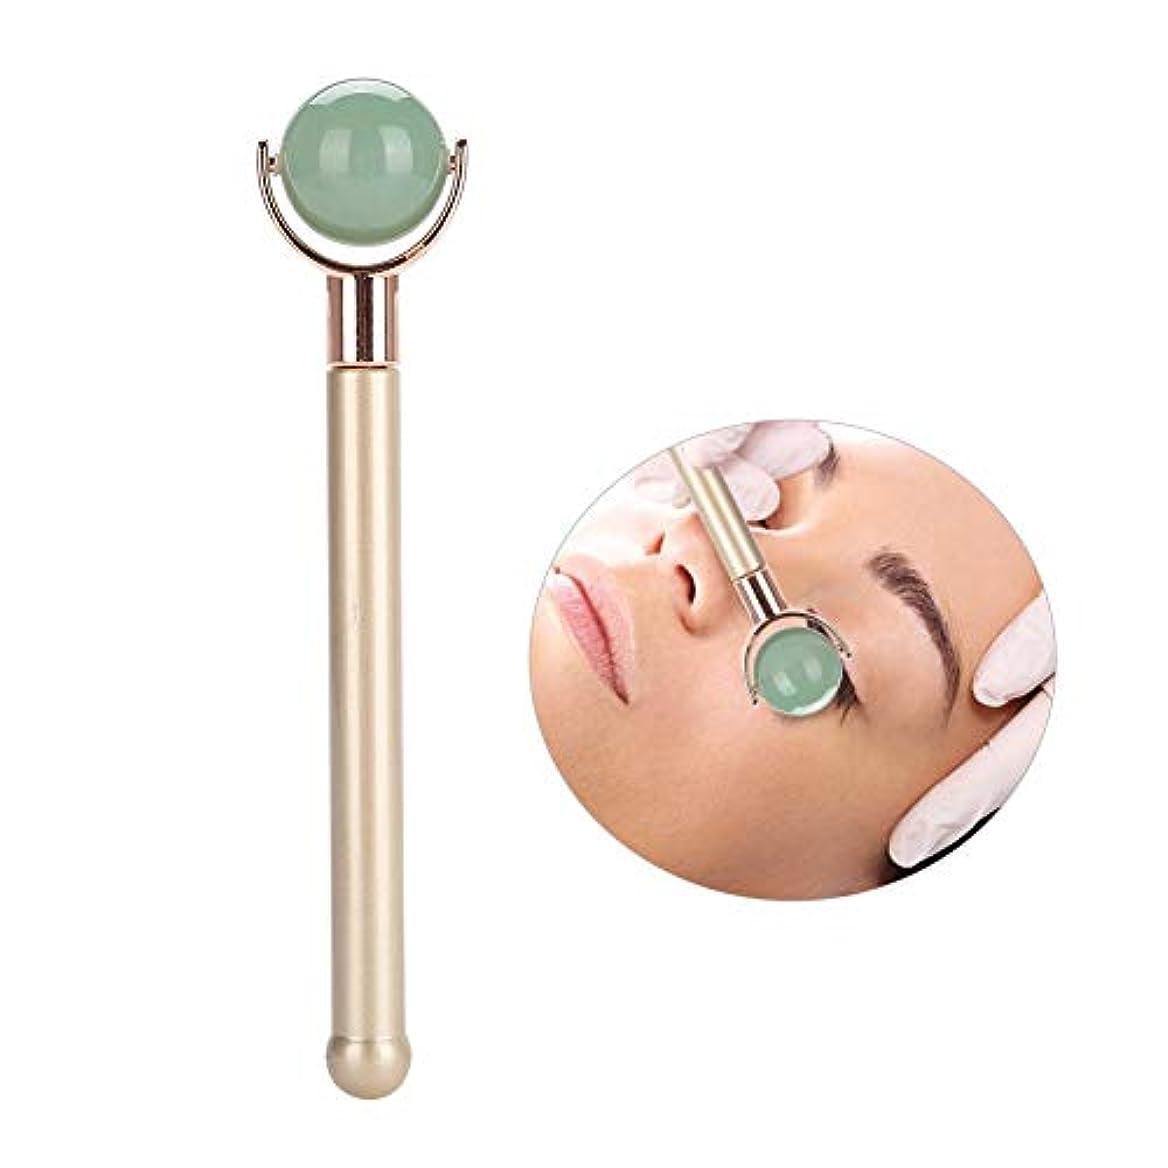 申し立てられたインフラ毒ナチュラルジェイドローラーマッサージ、マッサージローラー痩身ヒーリングより良い&美容アンチリンクル女性フェイシャル薄い美容ツール(#2)